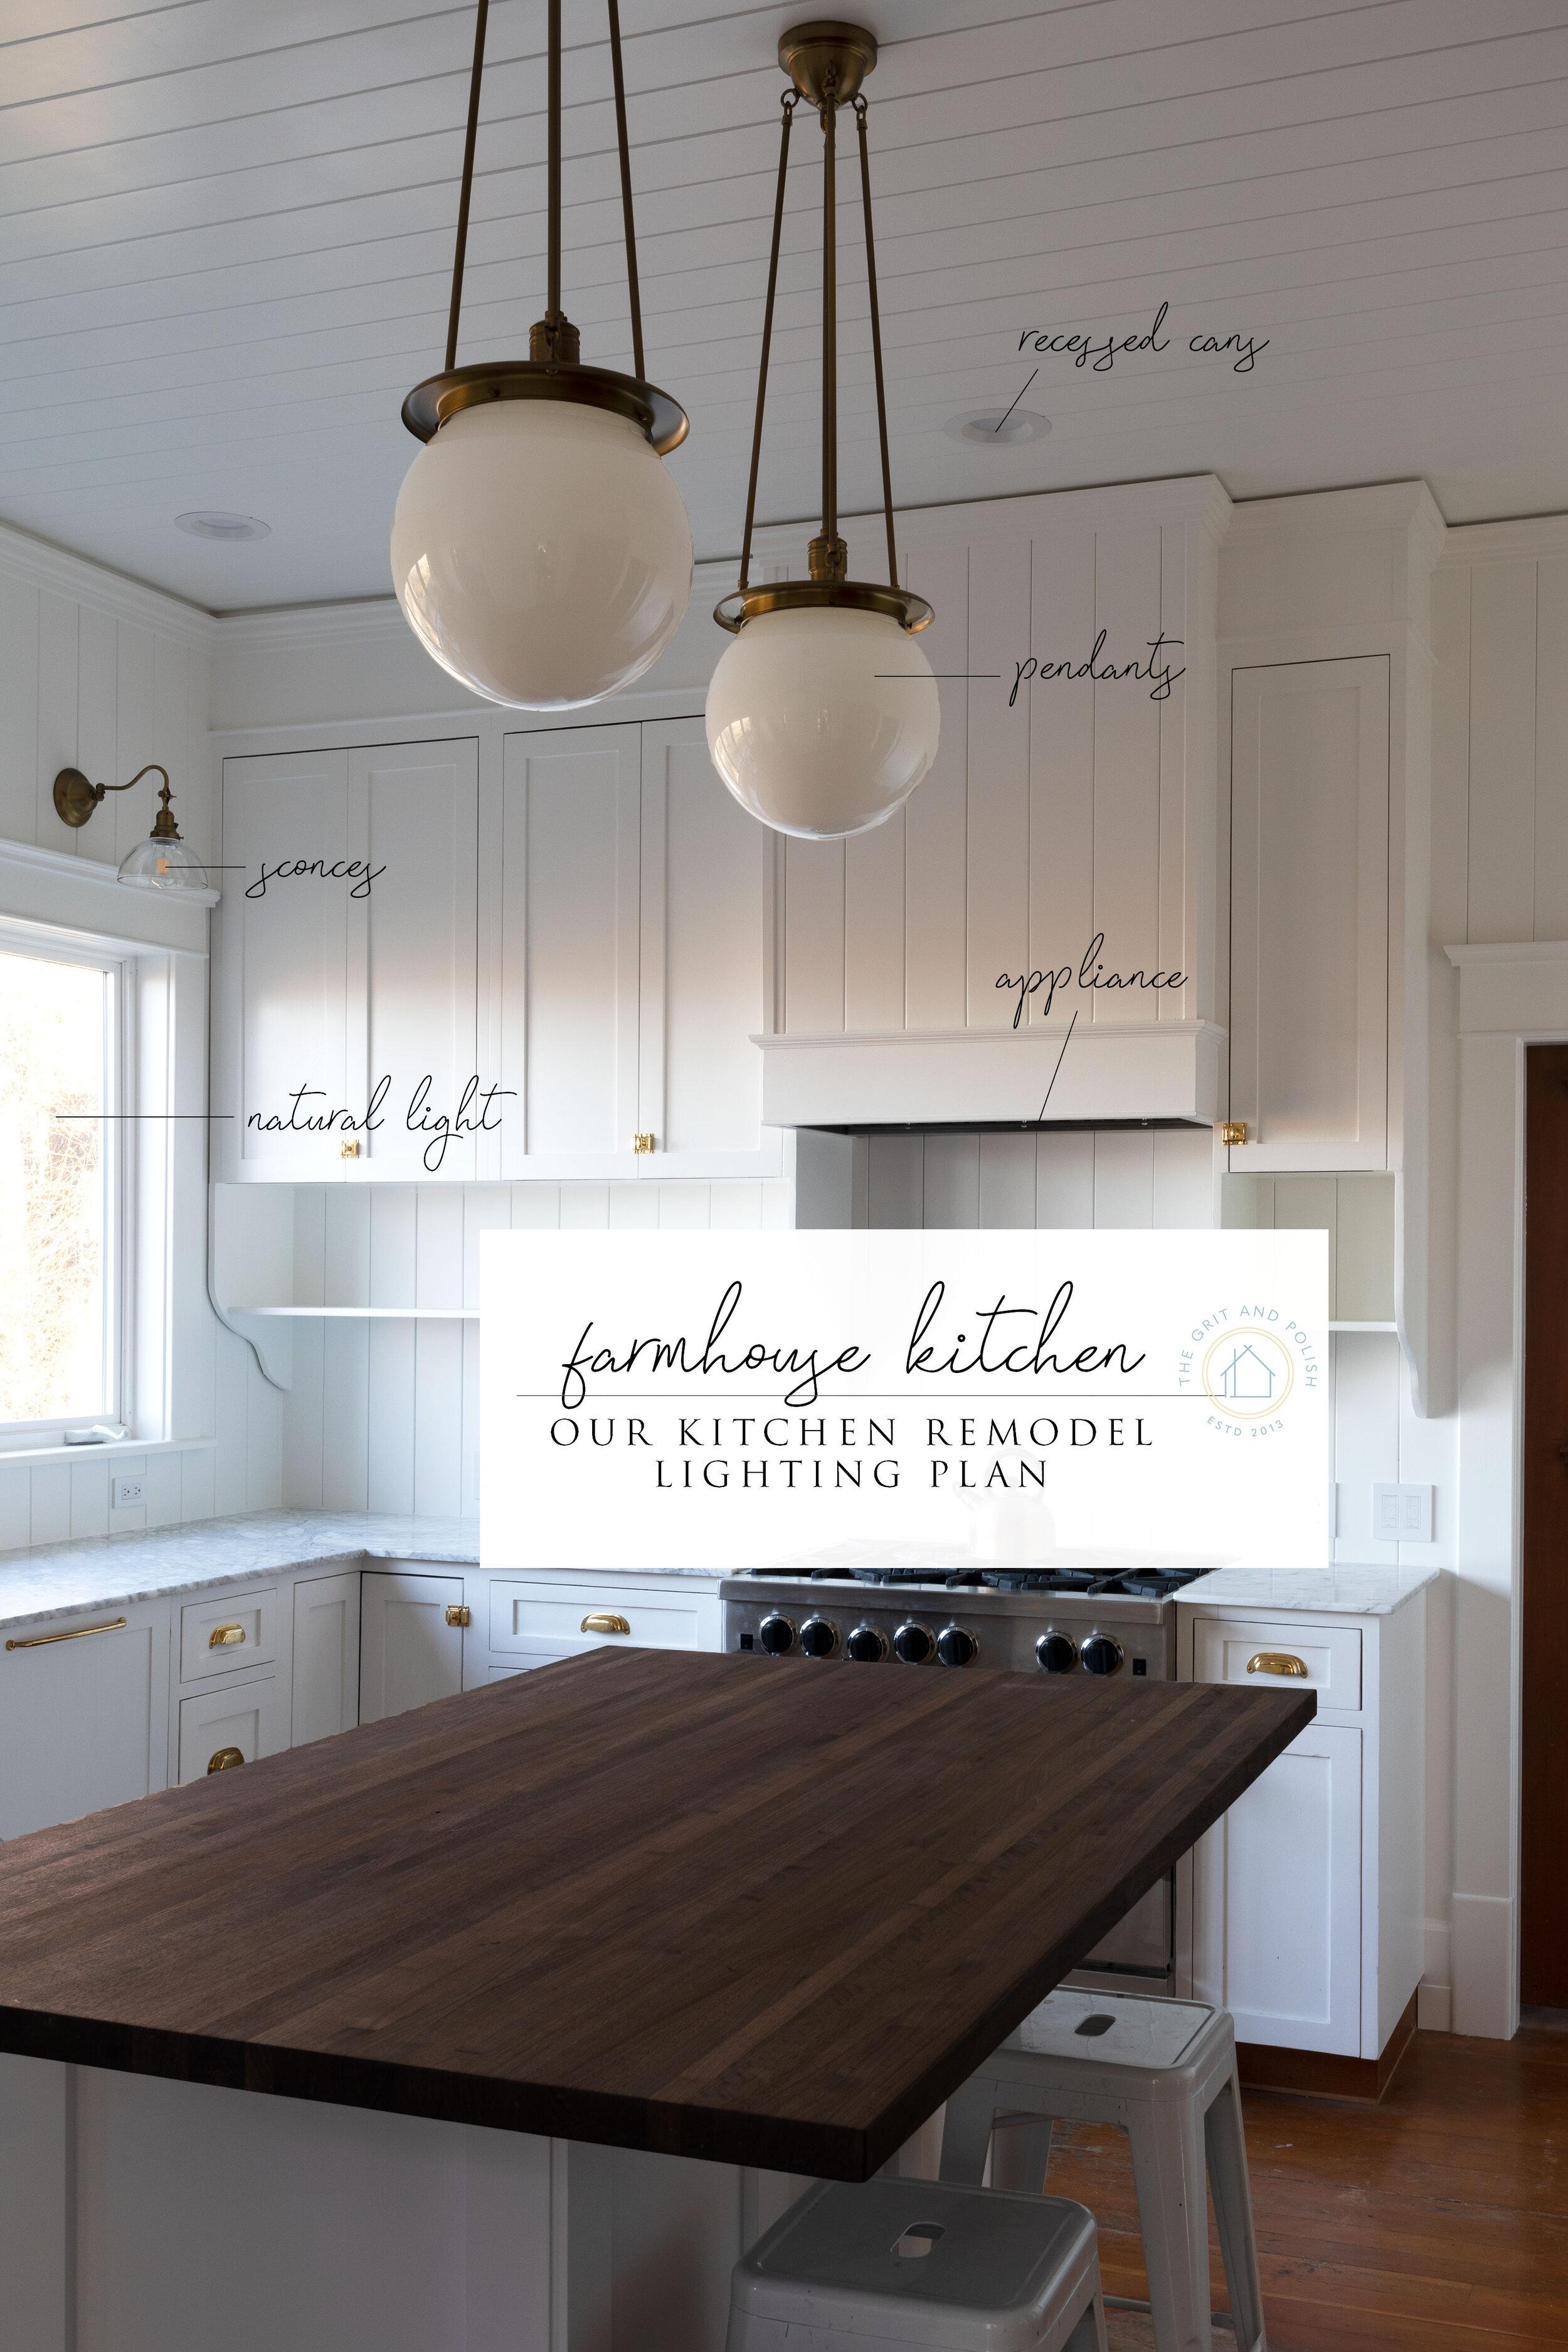 farmhouse kitchen the lighting plan